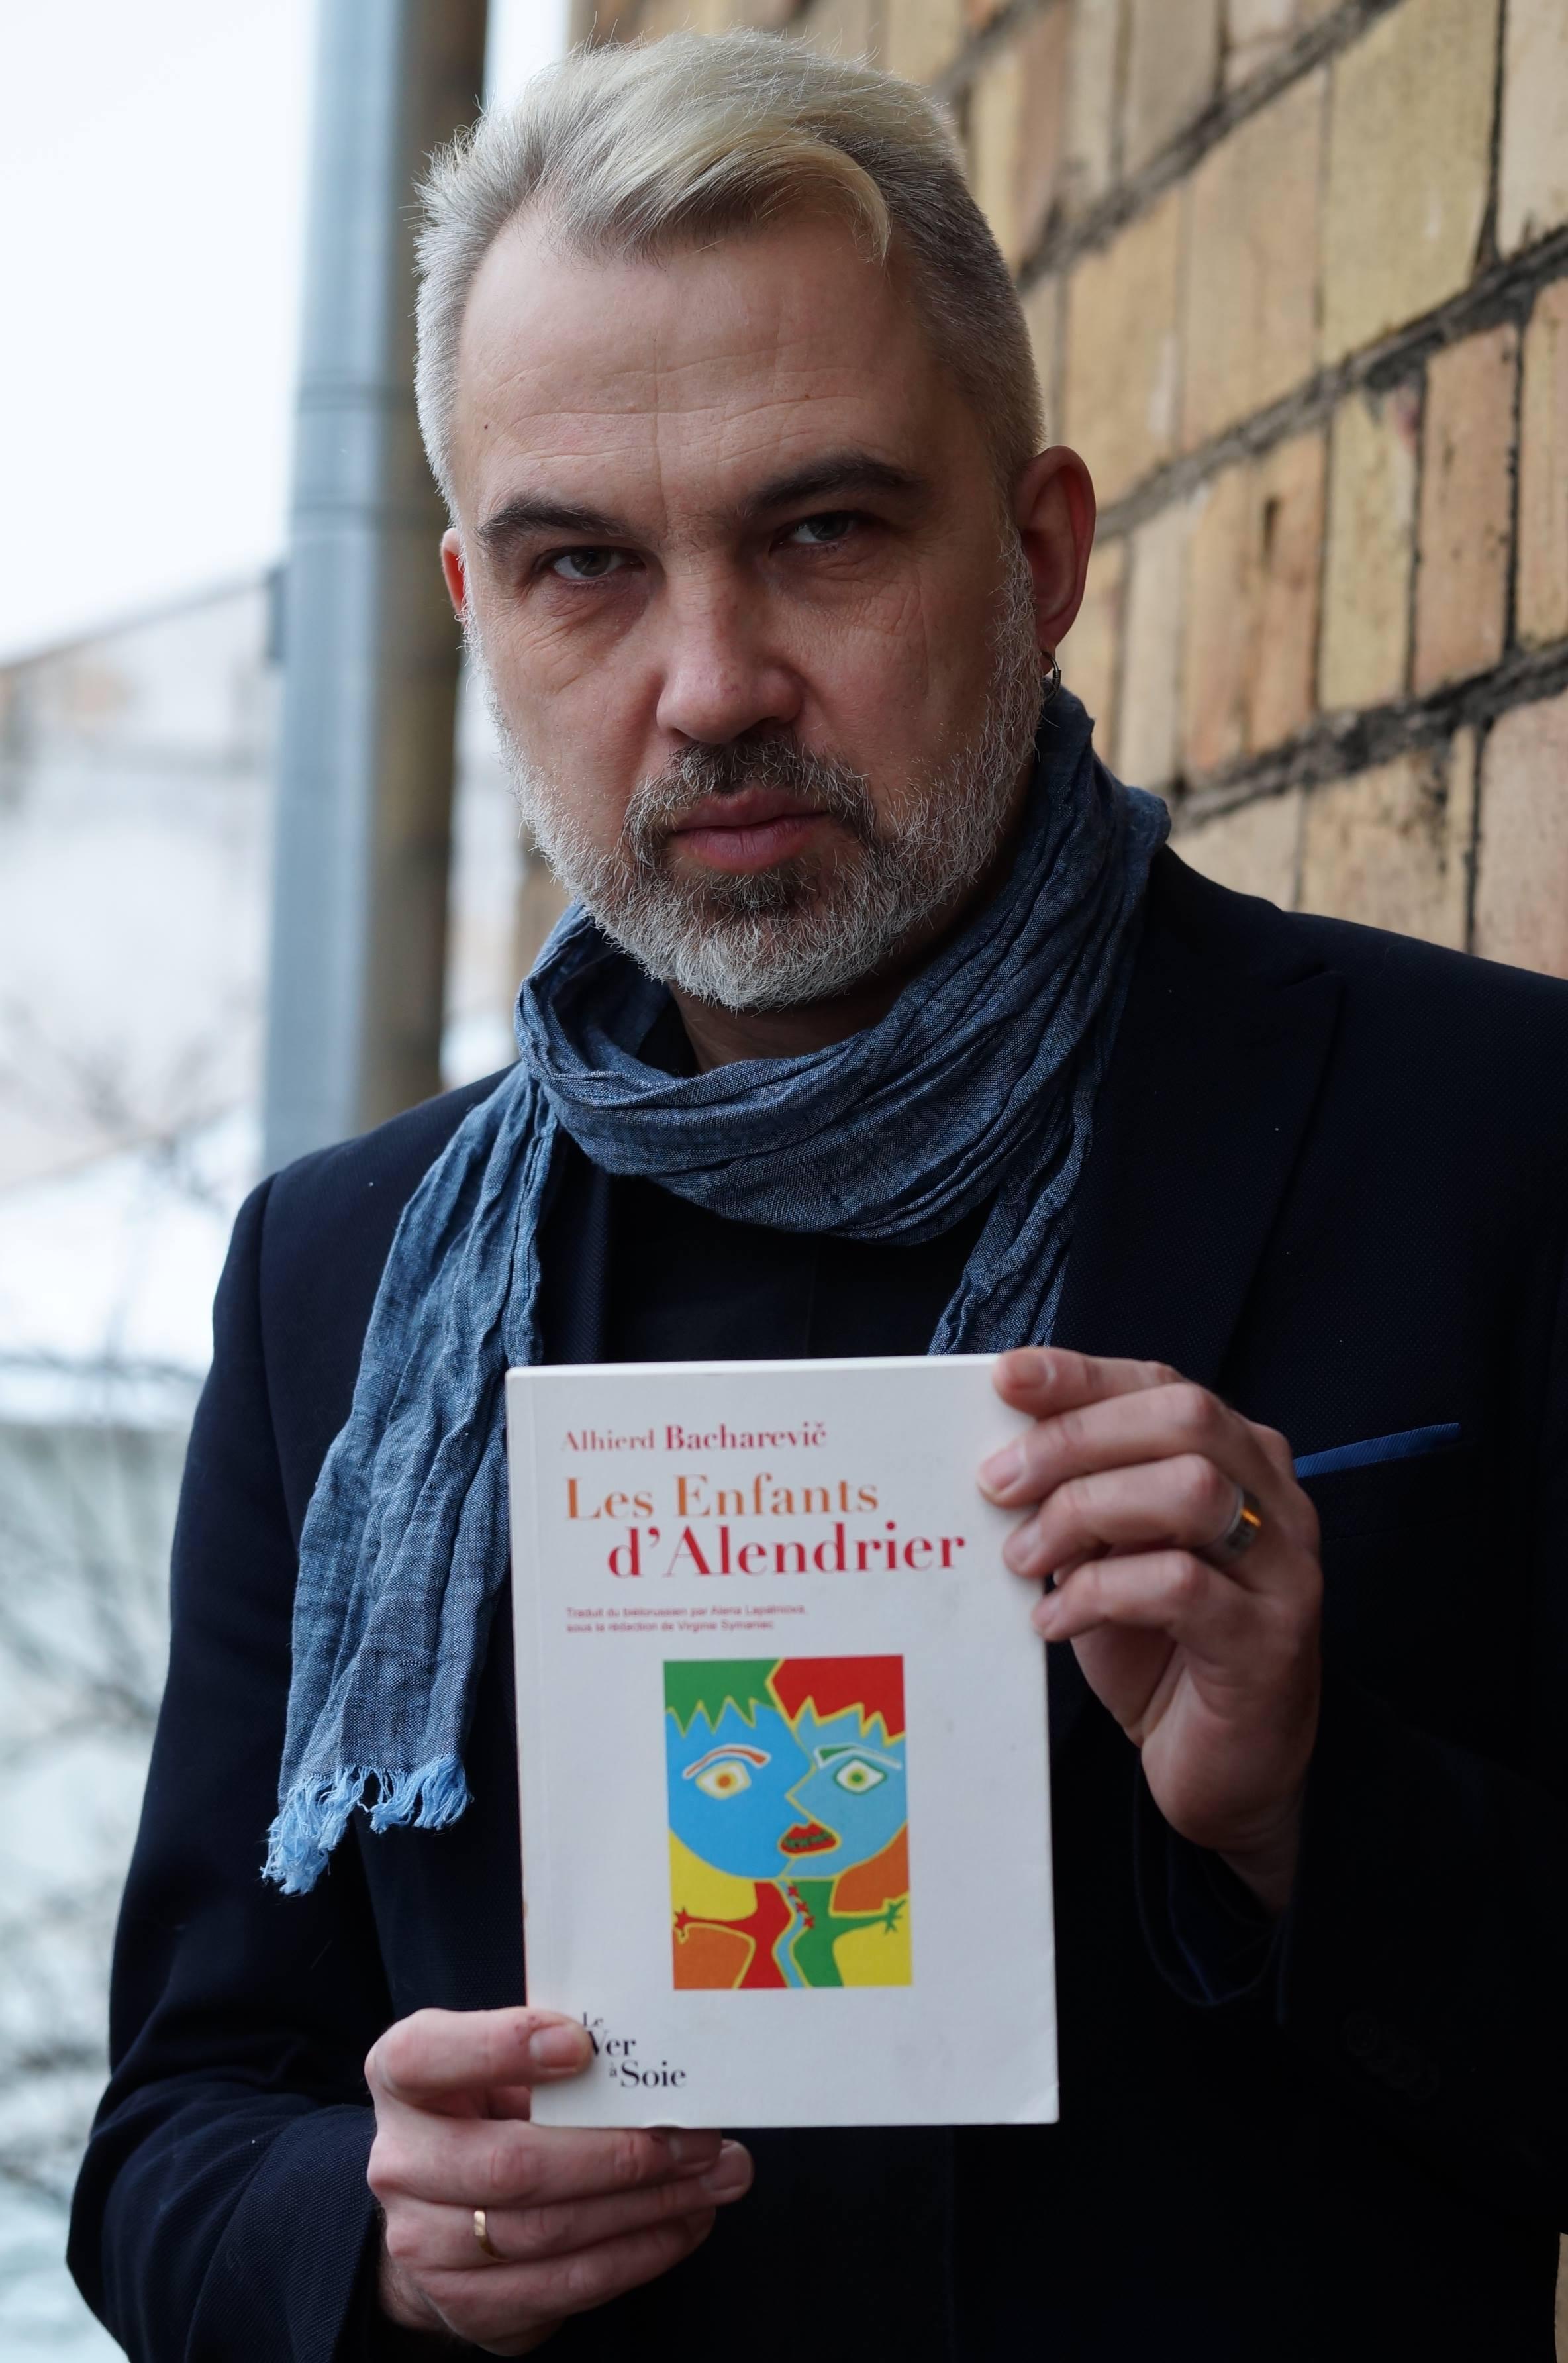 Роман Альгерда Бахаревича «Дети Алиндарки» стал «Книгой года–2015» в Беларуси